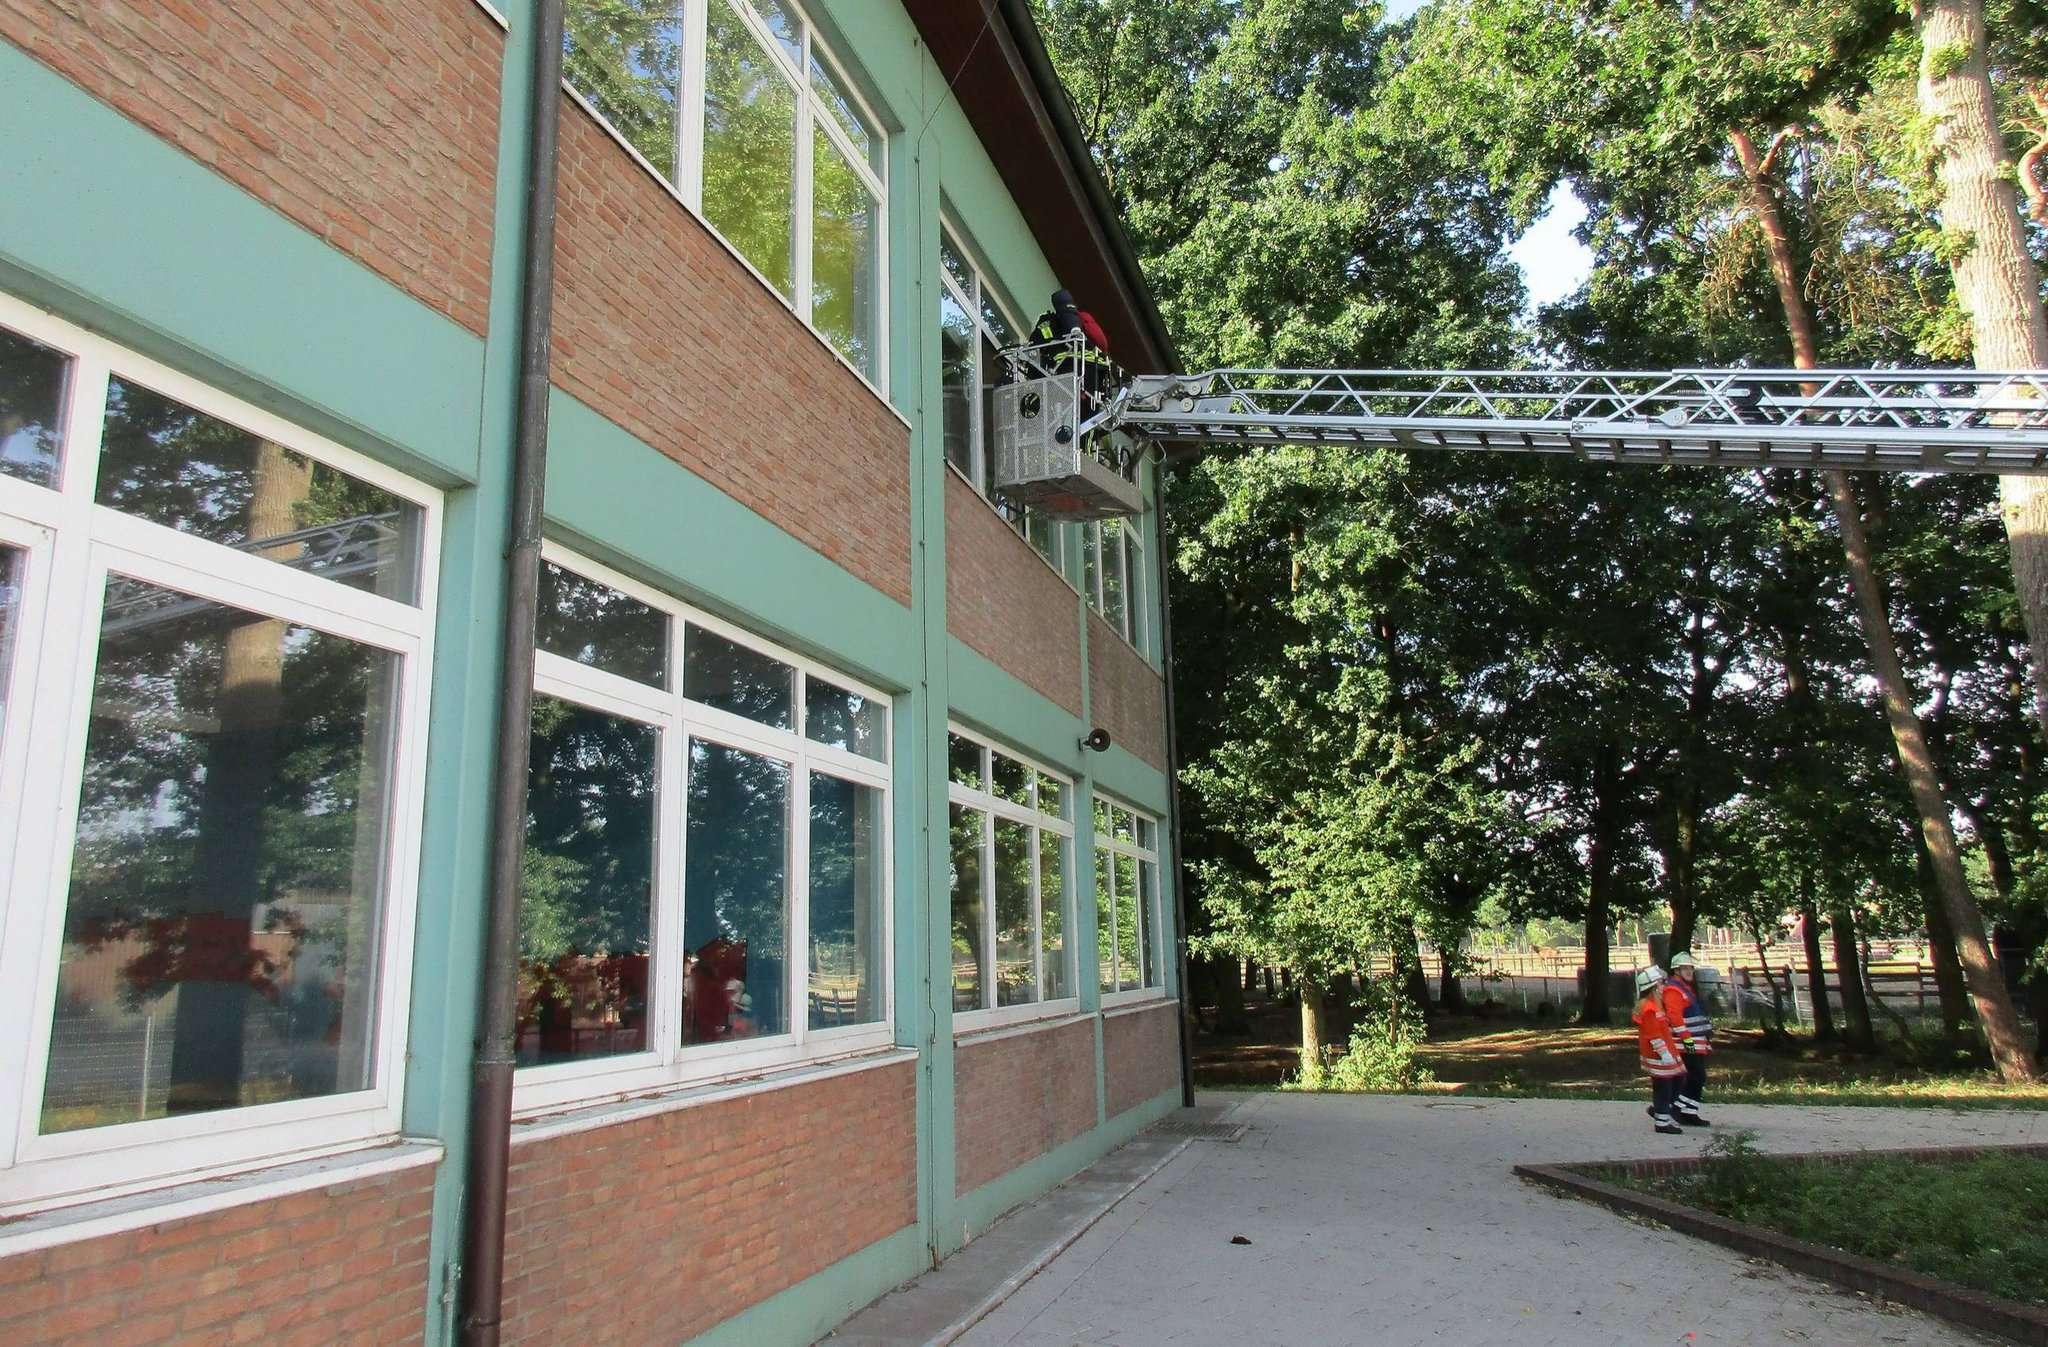 Auch die Drehleiter der Feuerwehr Zeven kam bei der Übung in der Schule zum Einsatz.